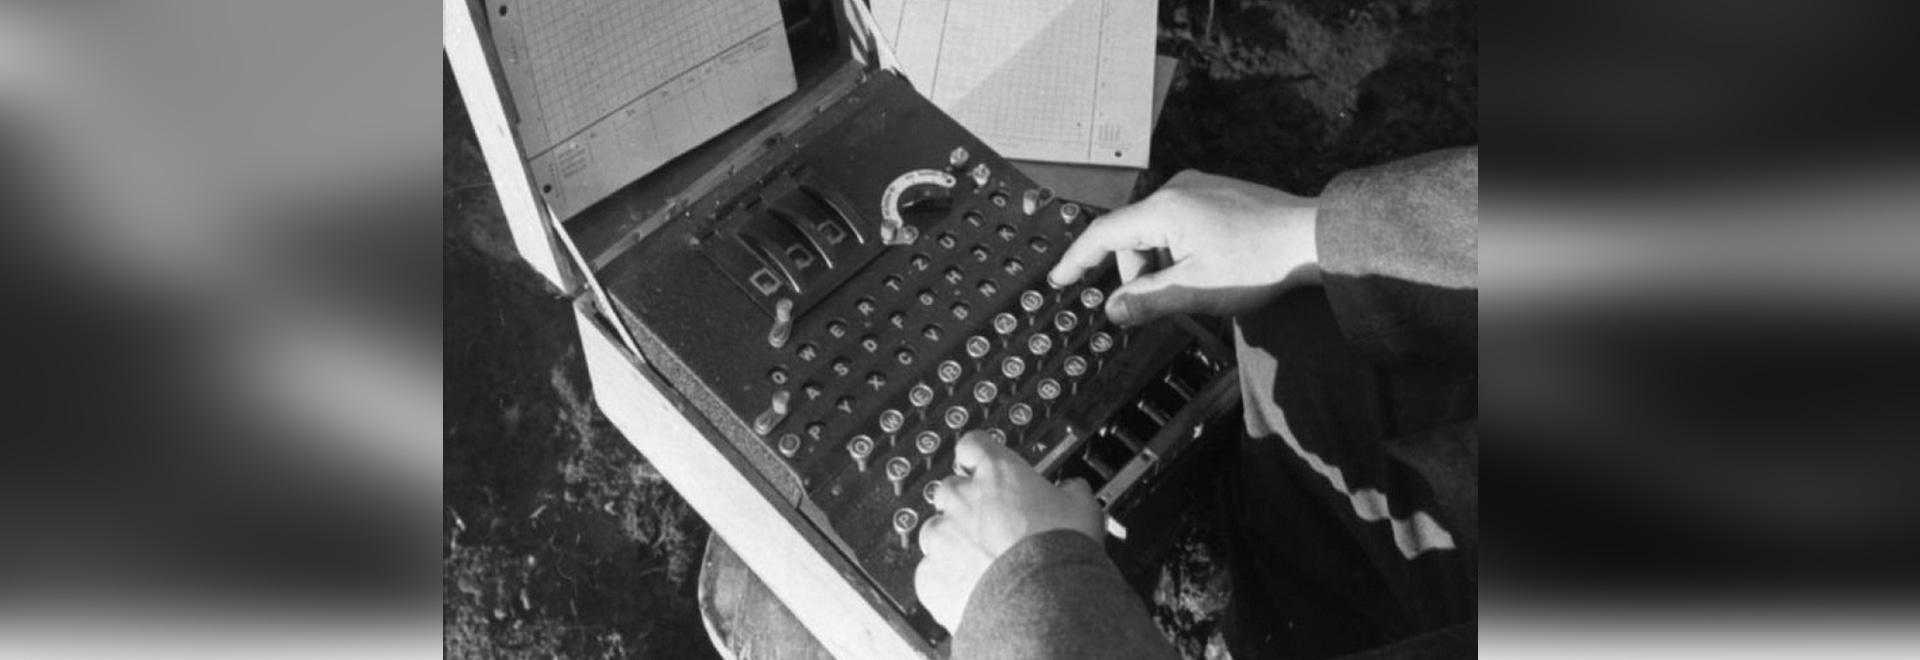 Erste Cybersecurity-Schule, zum sich an Bletchley-Park zu öffnen